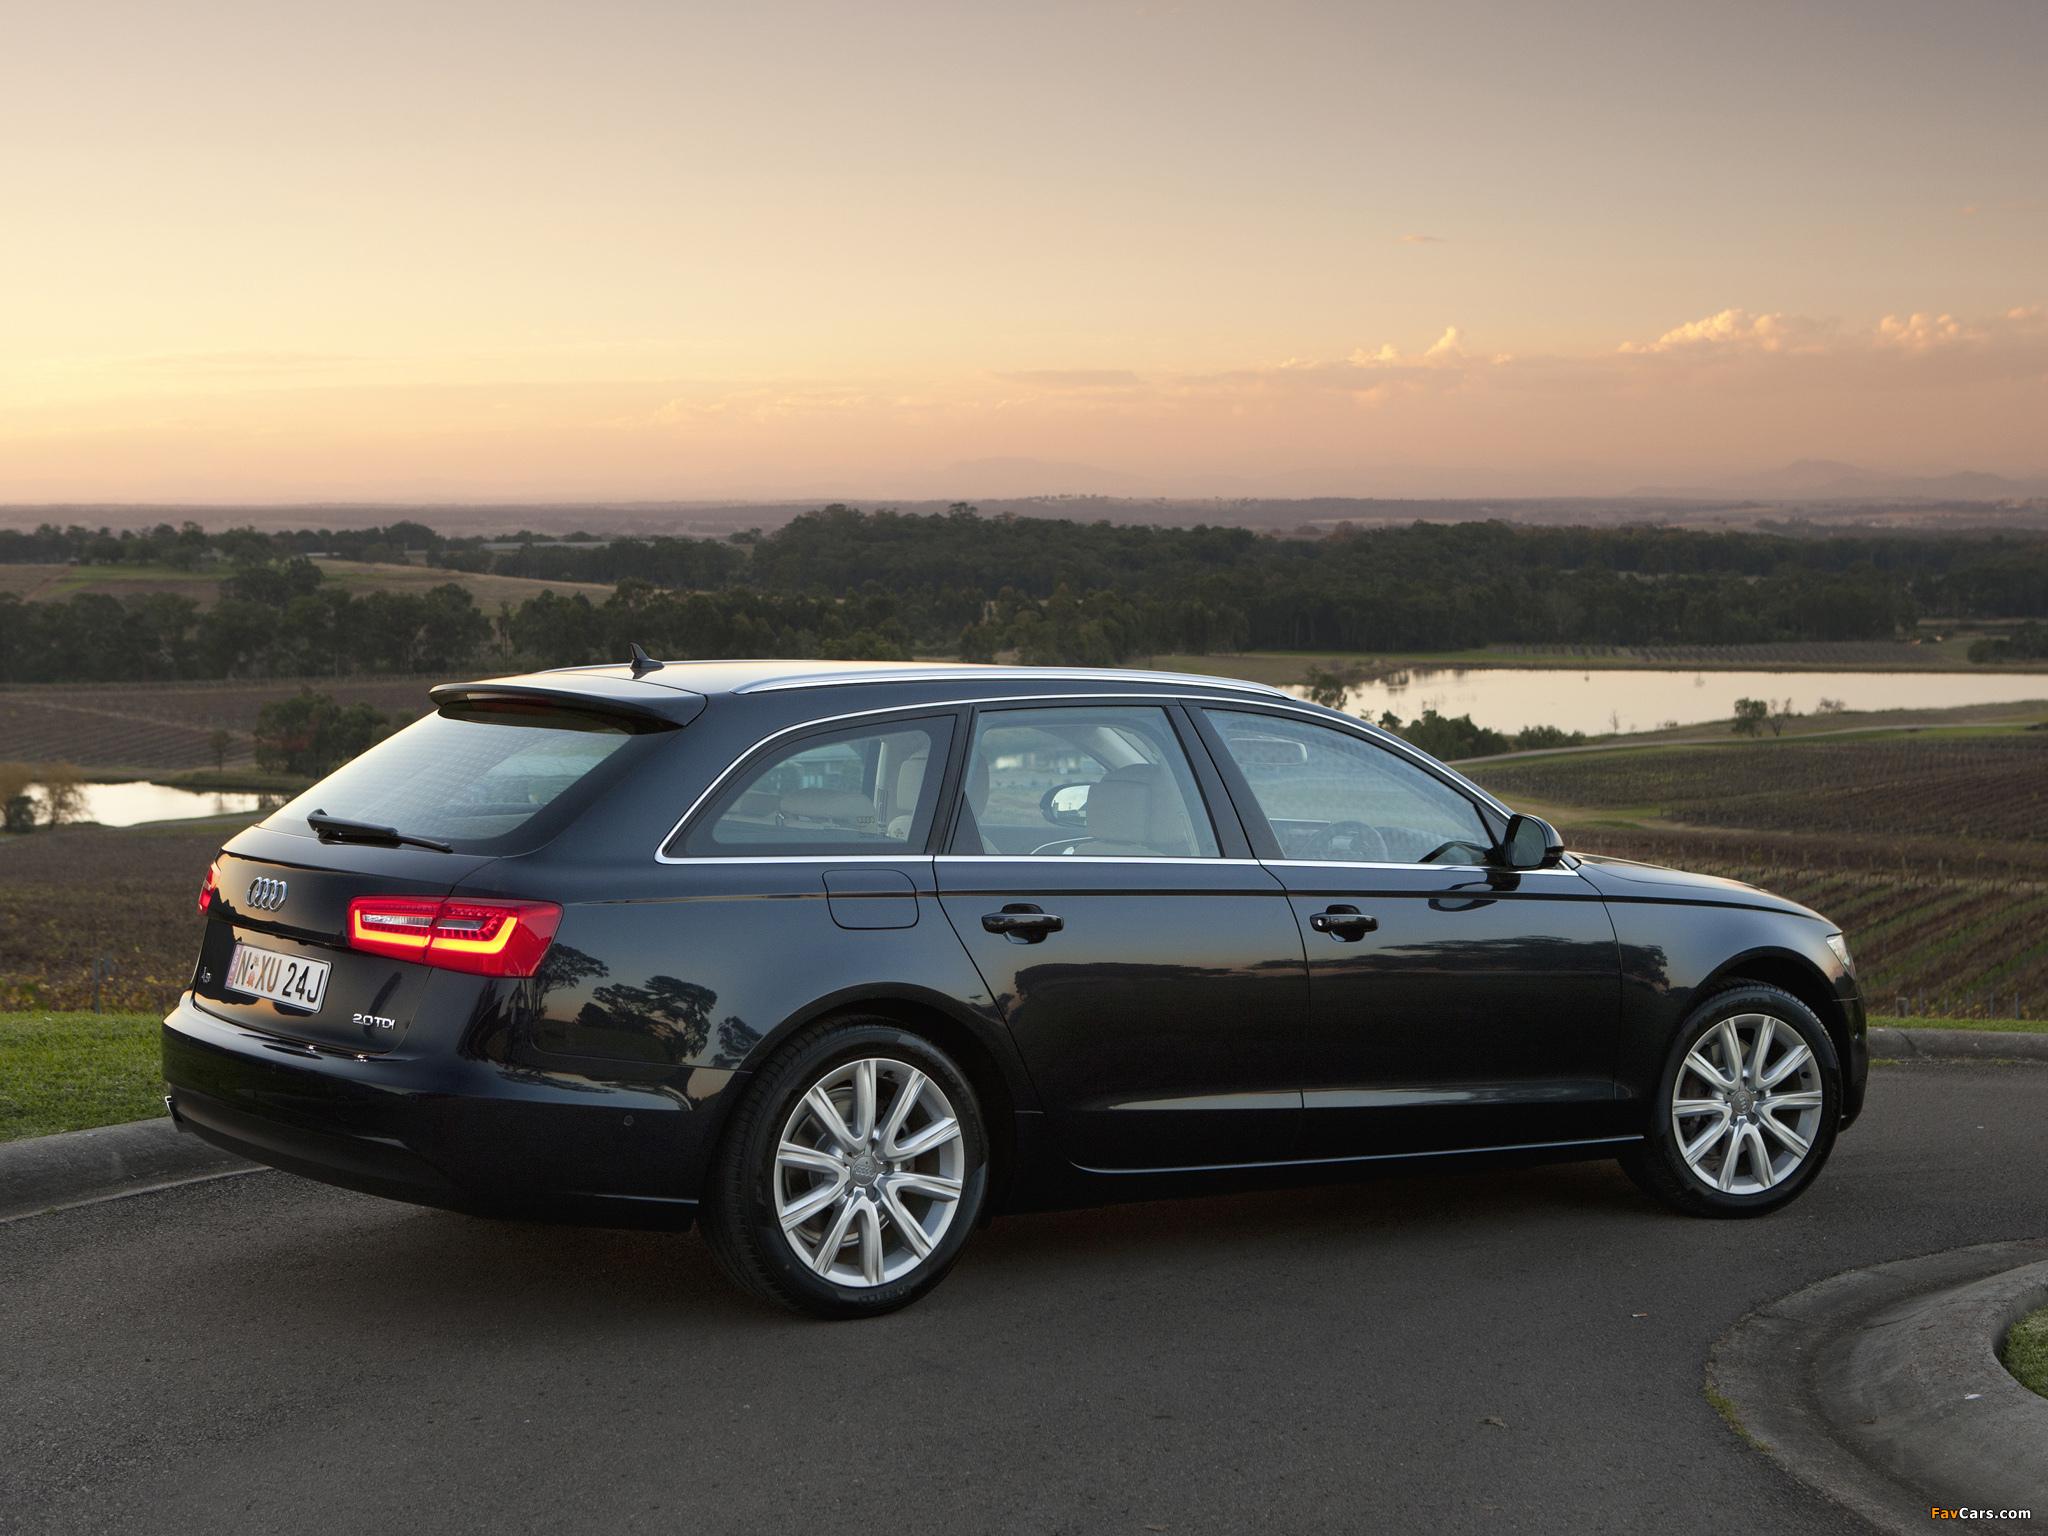 Audi A6 2 0 Tdi Avant Au Spec 4g C7 2011 Images 2048x1536